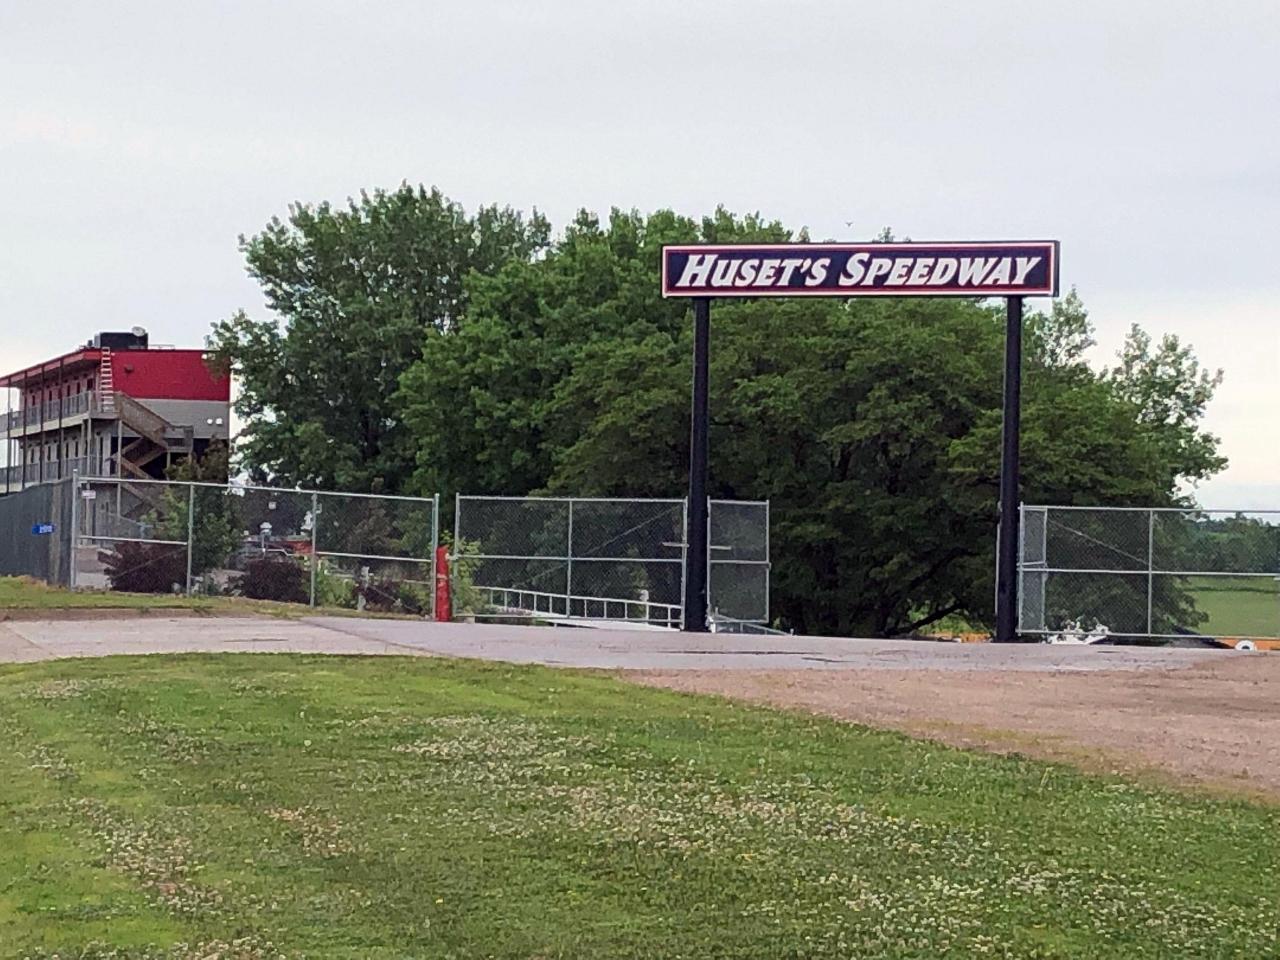 Huset's Speedway dirt track